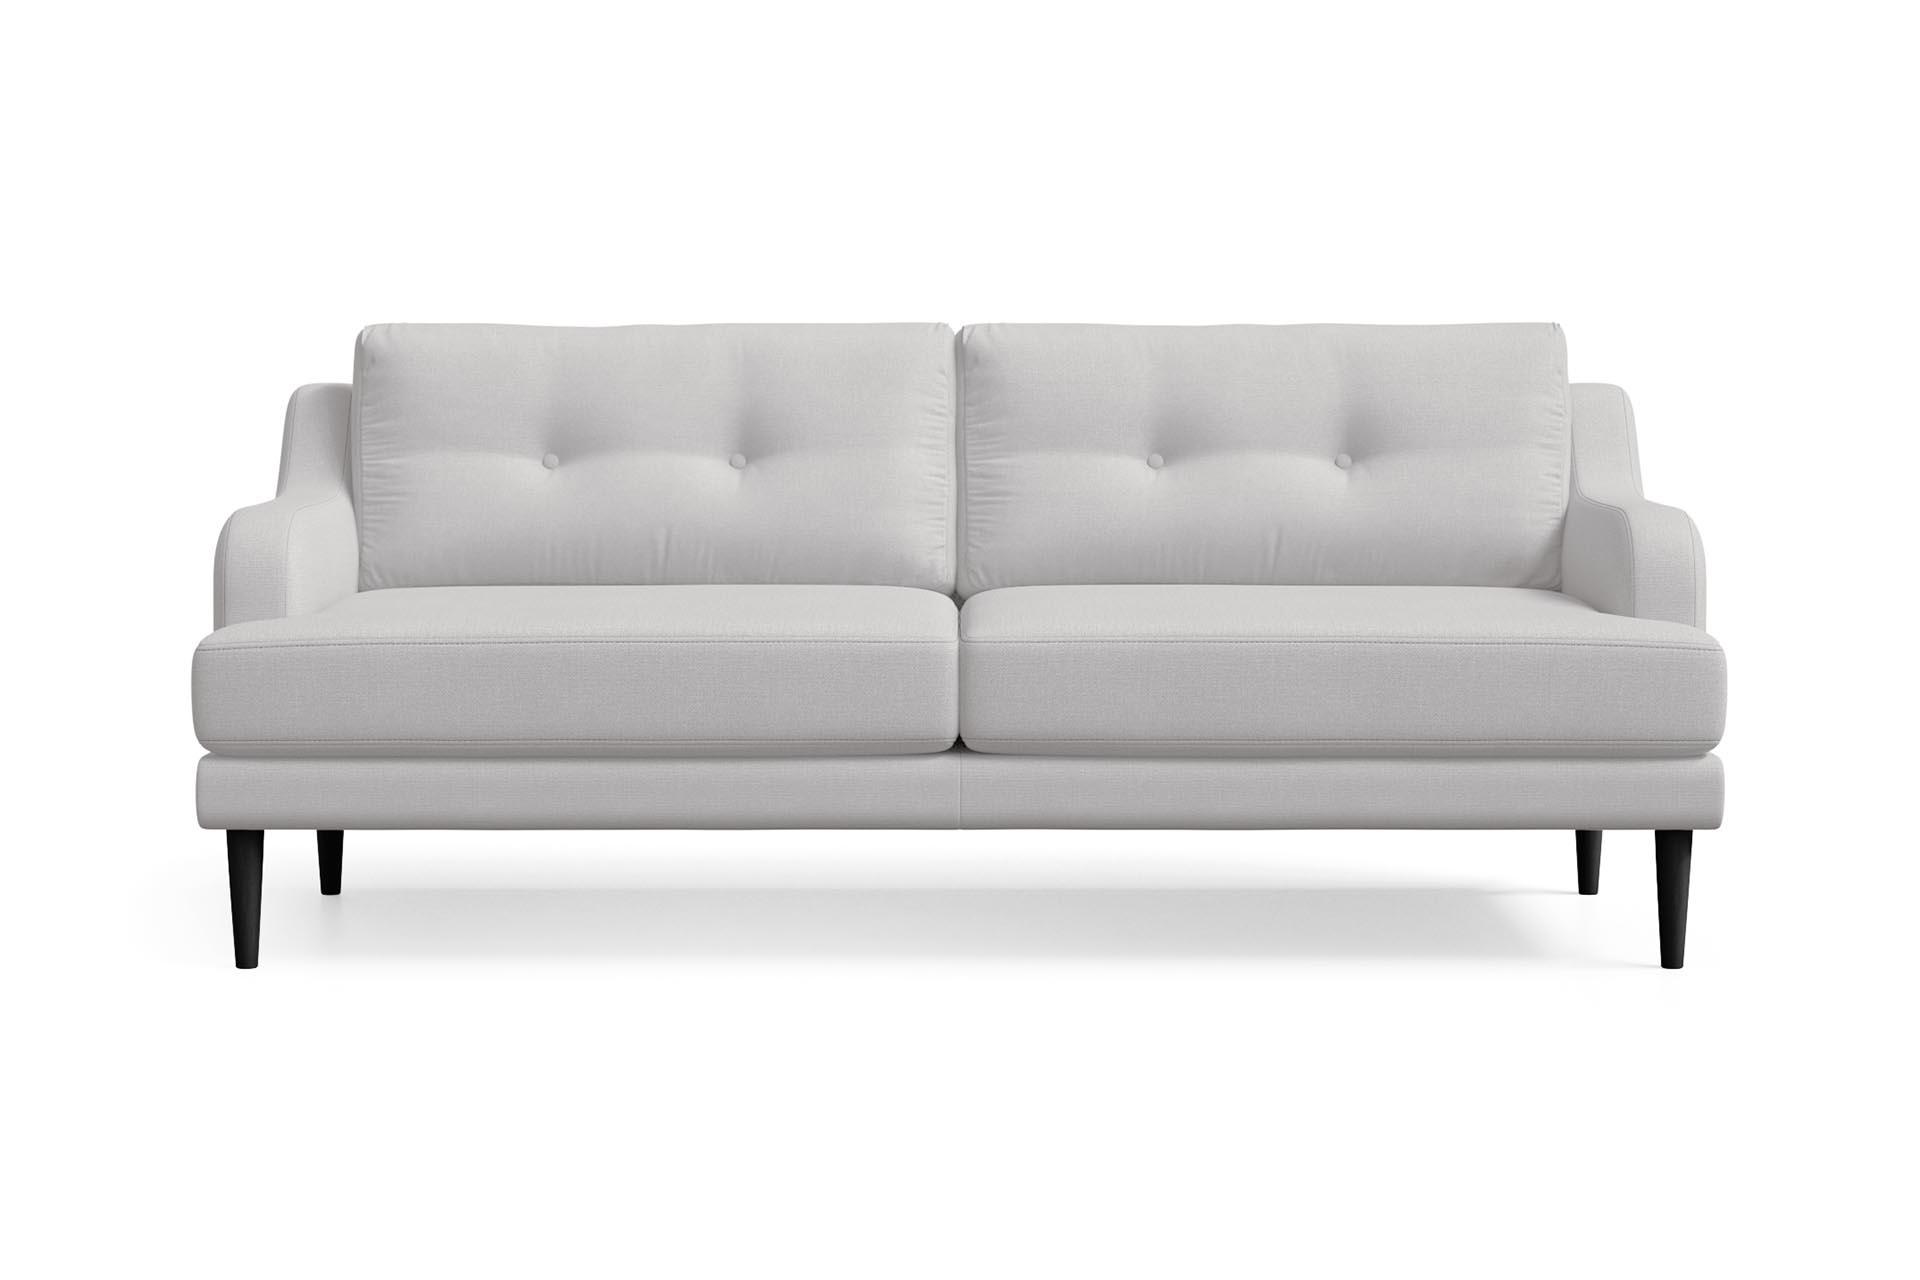 Canapé 3 places toucher lin gris clair